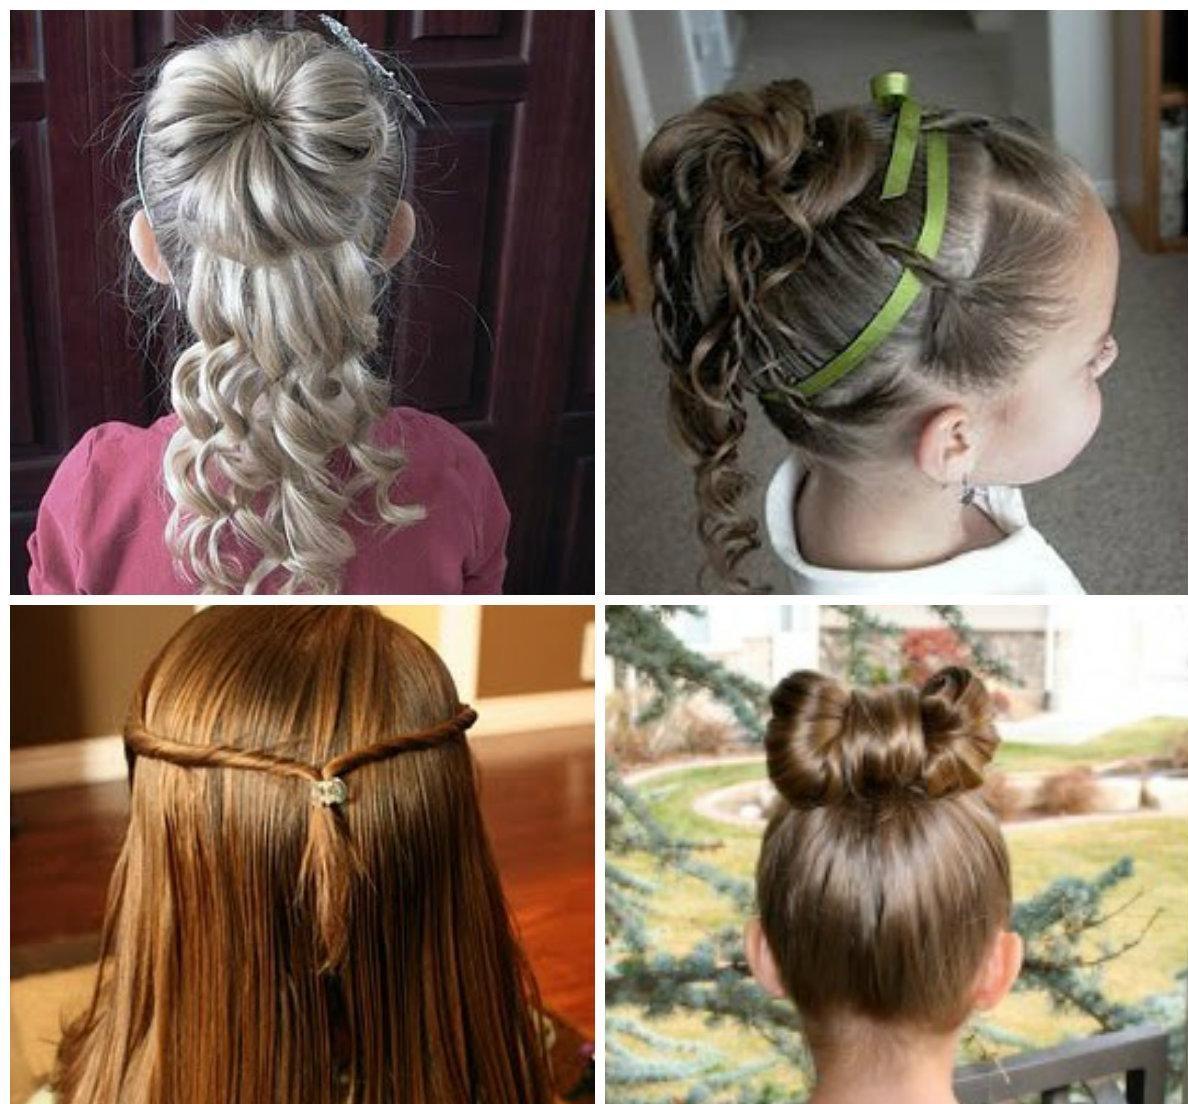 بالصور تسريحات شعر للاطفال , تسريحات شعر سهلة للبنات الصغار 154 1